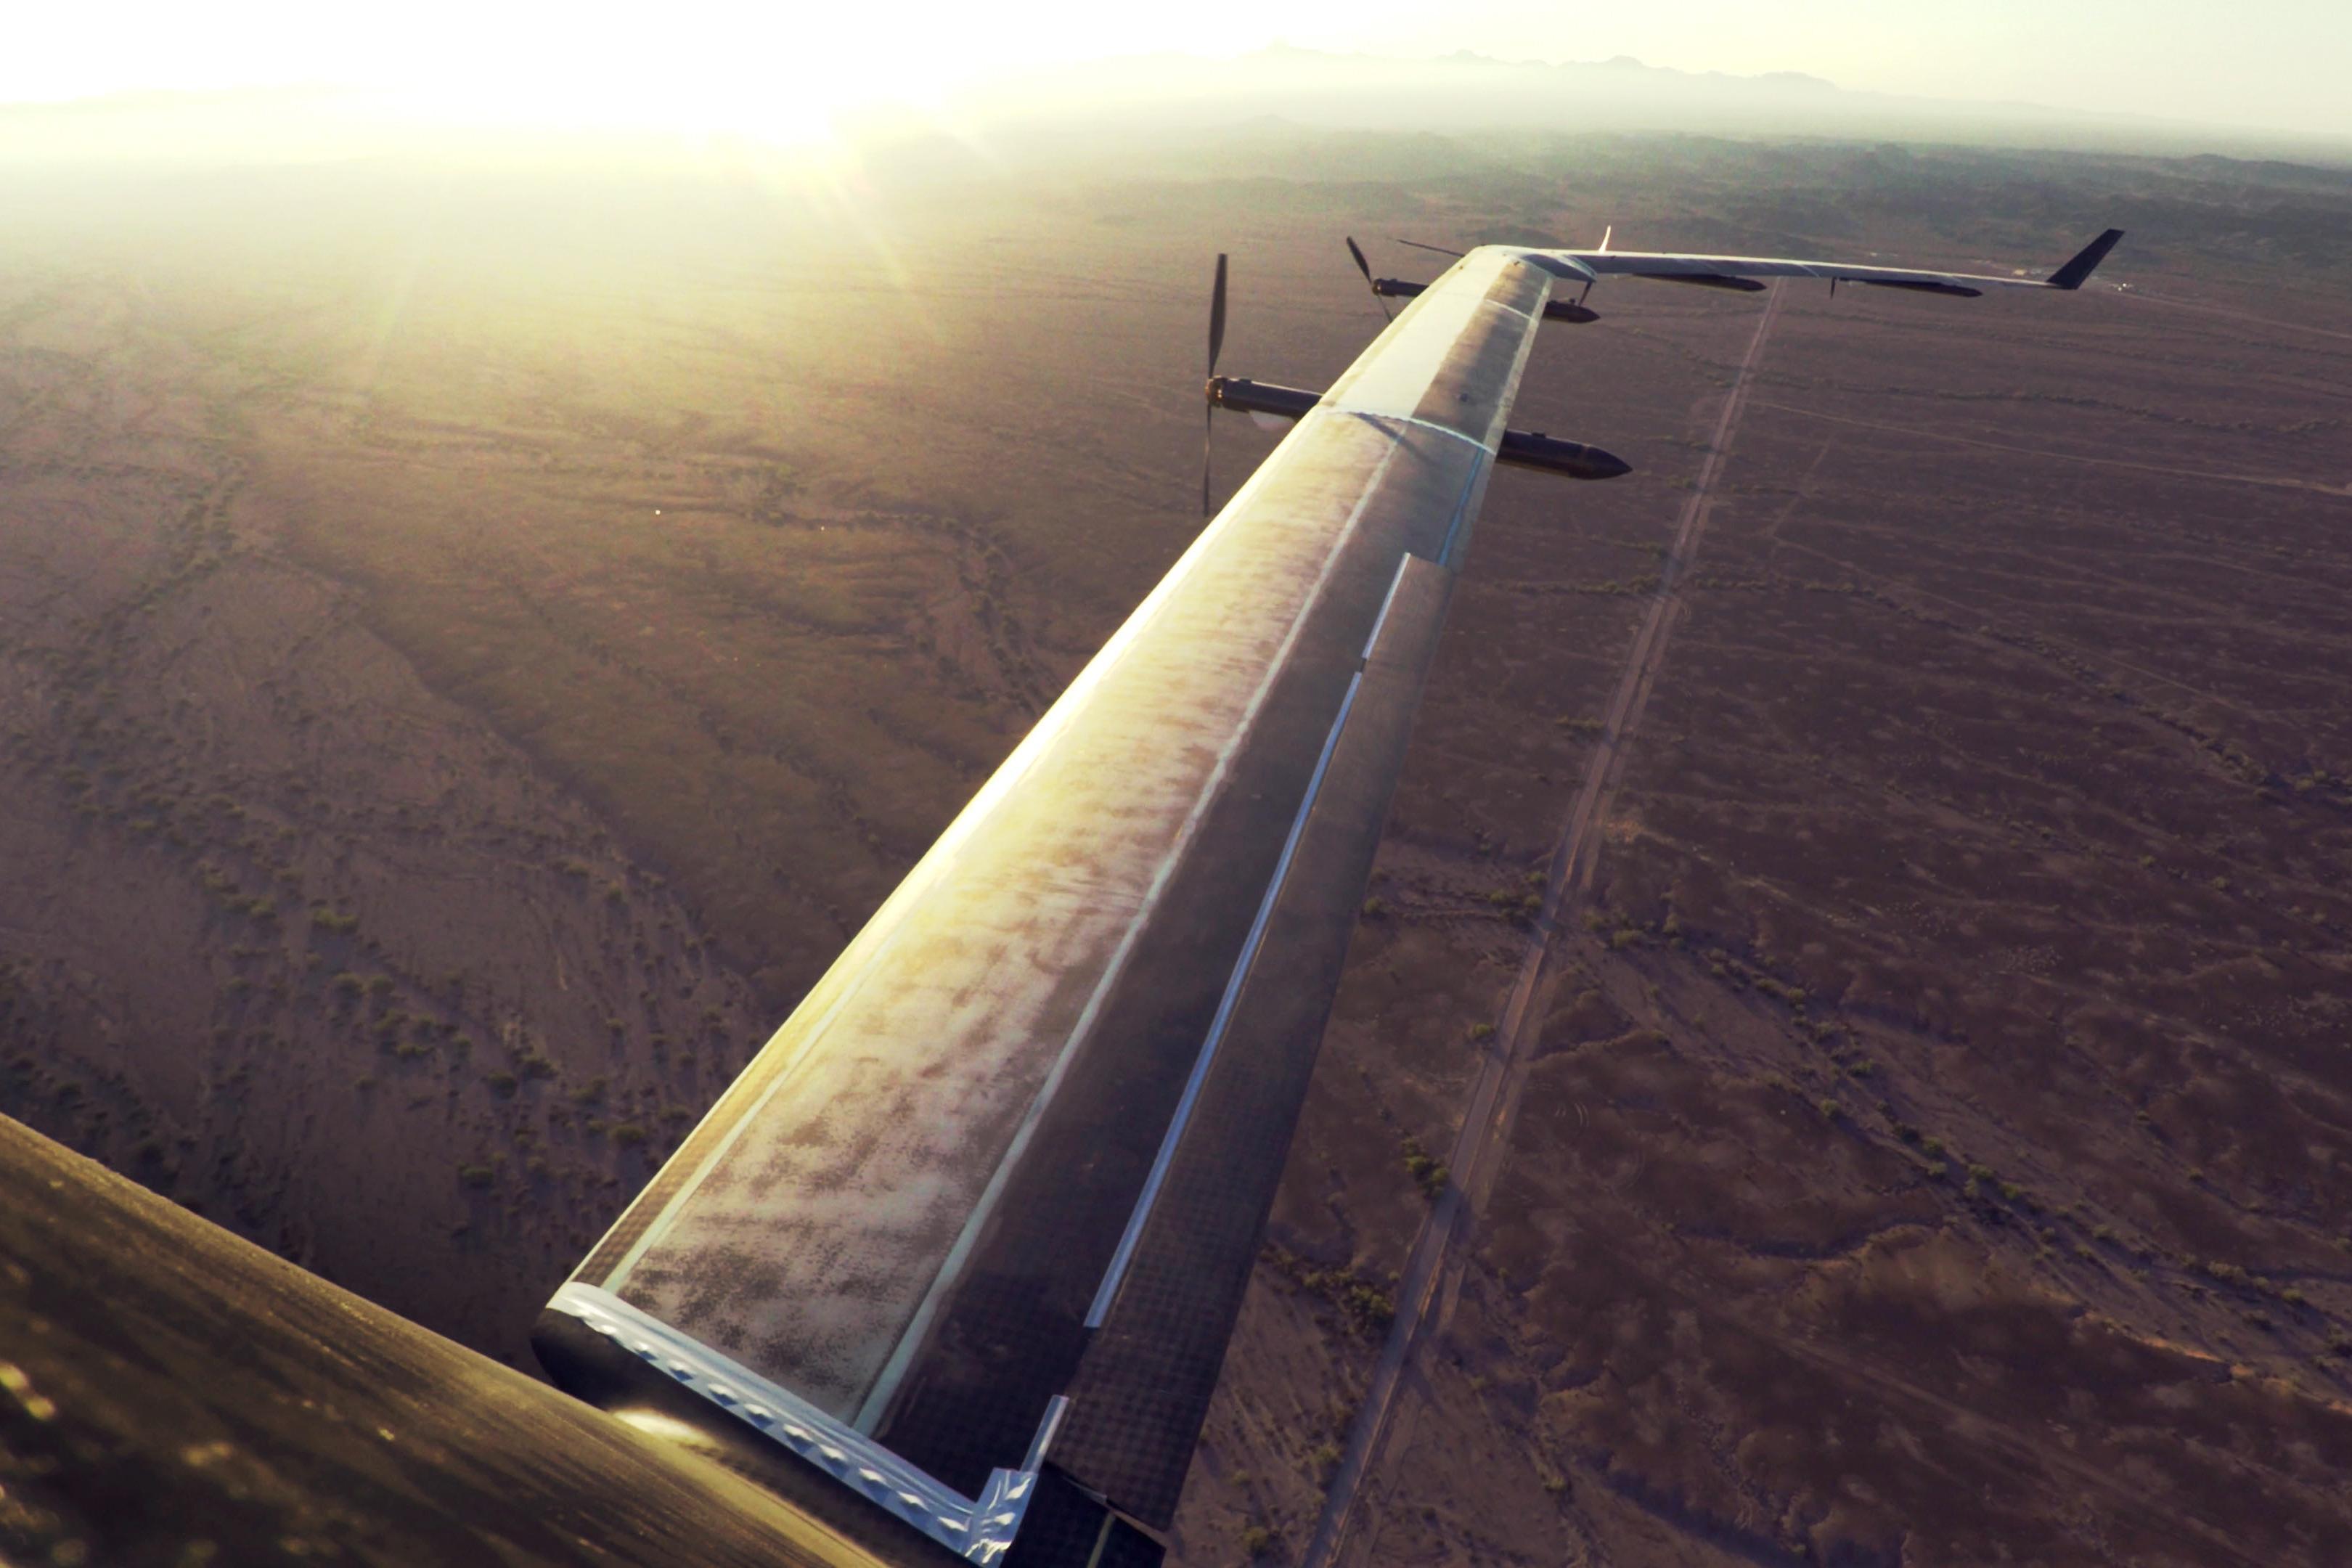 Dronen har et vingespenn på 30 meter og bruker lasere til å sende Internett-signaler til bakken.